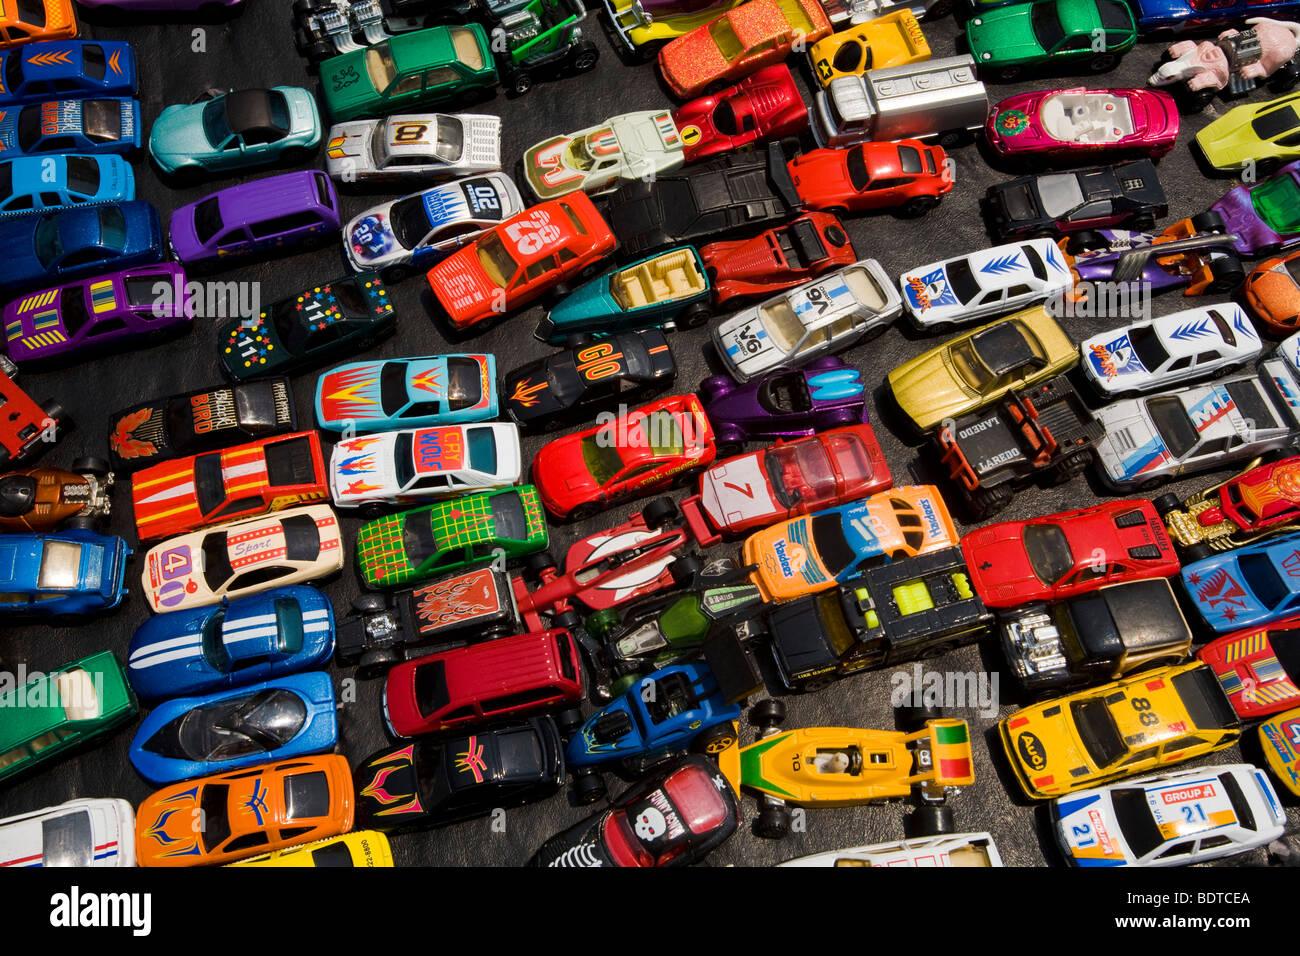 Matchbox Cars Stock Photos & Matchbox Cars Stock Images ...